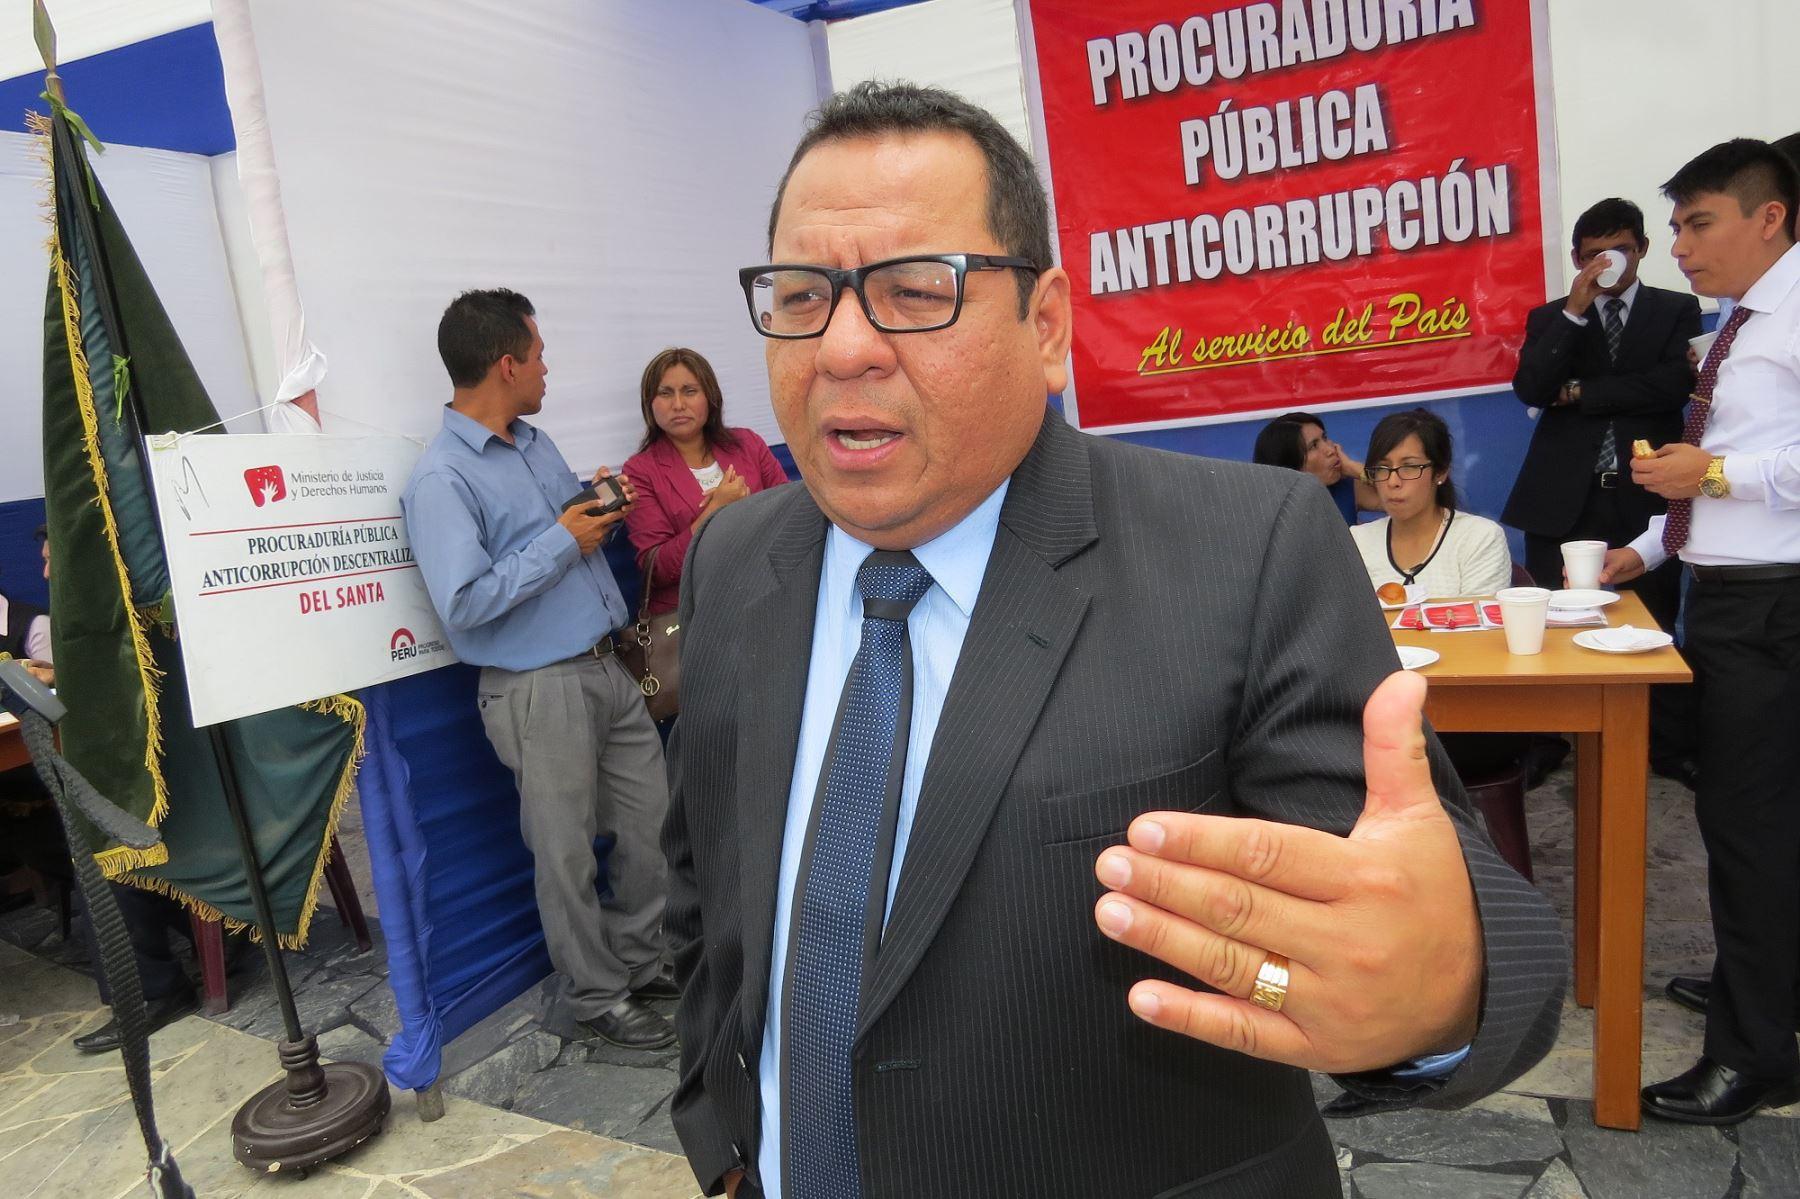 El procurador anticorrupción de la provincia del Santa, Richard Asmat Urcia, señaló que ha solicitado información a la empresa Sedachimbote. Foto: ANDINA/Gonzalo Horna